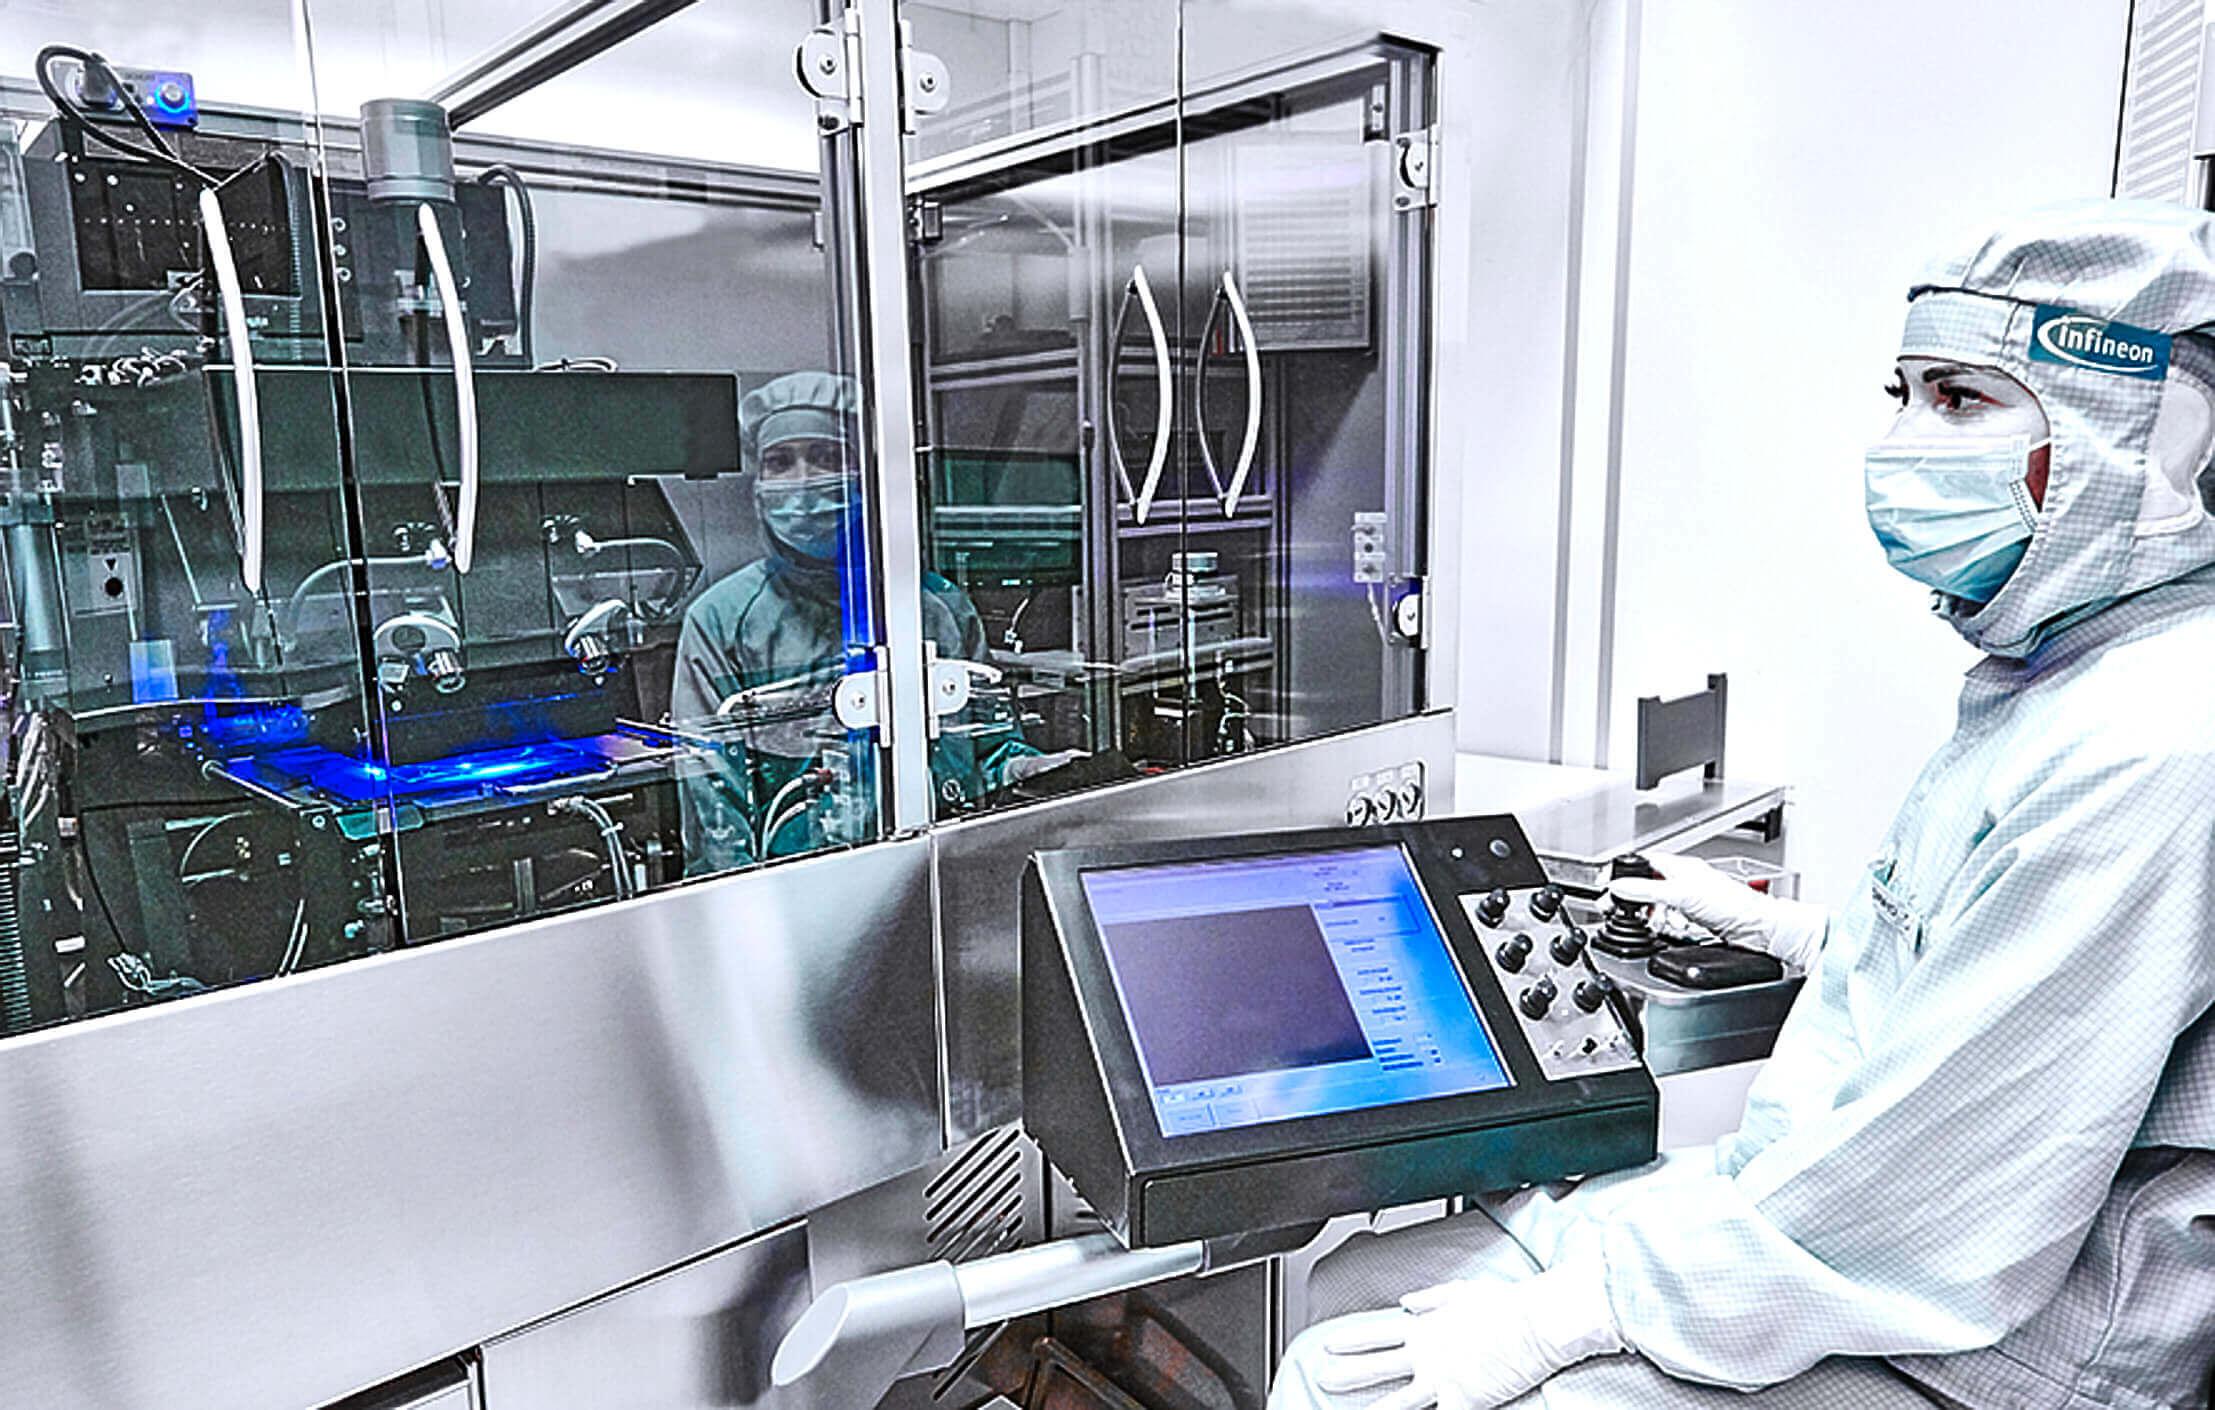 InfineonBIP_0011